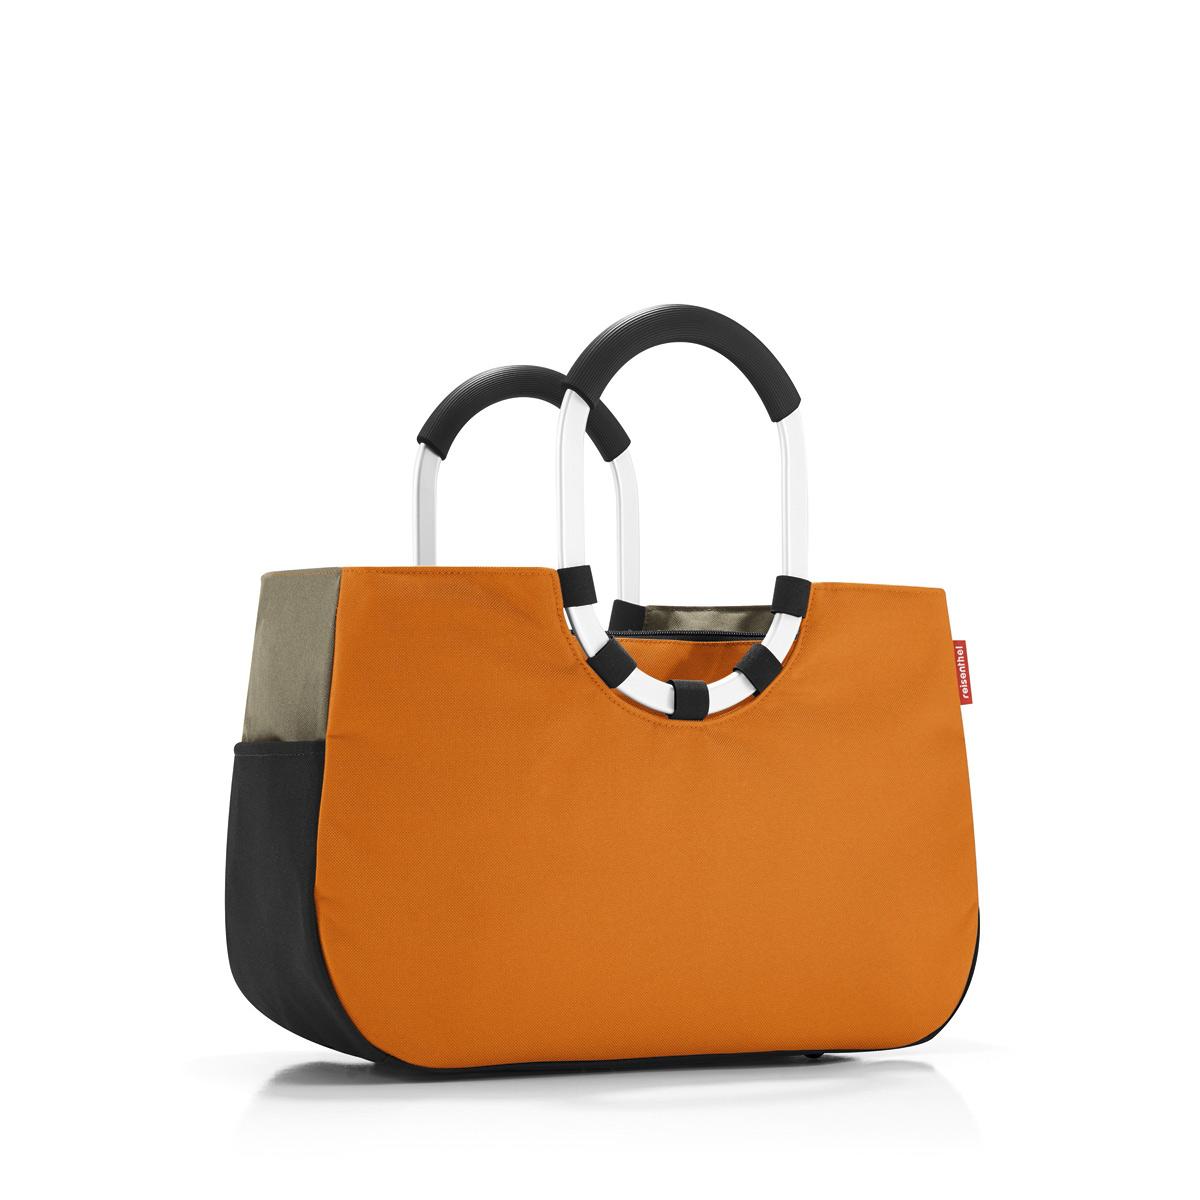 Сумка женская Reisenthel, цвет: оранжевый, черный, темно-бежевый. OS3045S76245Практичная женская сумка Reisenthel изготовлена из текстиля. Сумка имеет одно отделение, внутри которого находится прорезной карман на застежке-молнии. Снаружи, по боковым сторонам сумки расположены накладные открытые карманы. Изделие оснащено съемным отделением на застежке-молнии, которое пристегивается к сумке с помощью хлястиков с кнопками. Съемное отделение снаружи дополнено прорезным карманом на застежке-молнии и накладным открытым кармашком. Сумка оснащена двумя алюминиевыми ручками с прорезиненными накладками, которые фиксируются с помощью липучек. Основание изделия защищено от повреждений пластиковыми ножками.